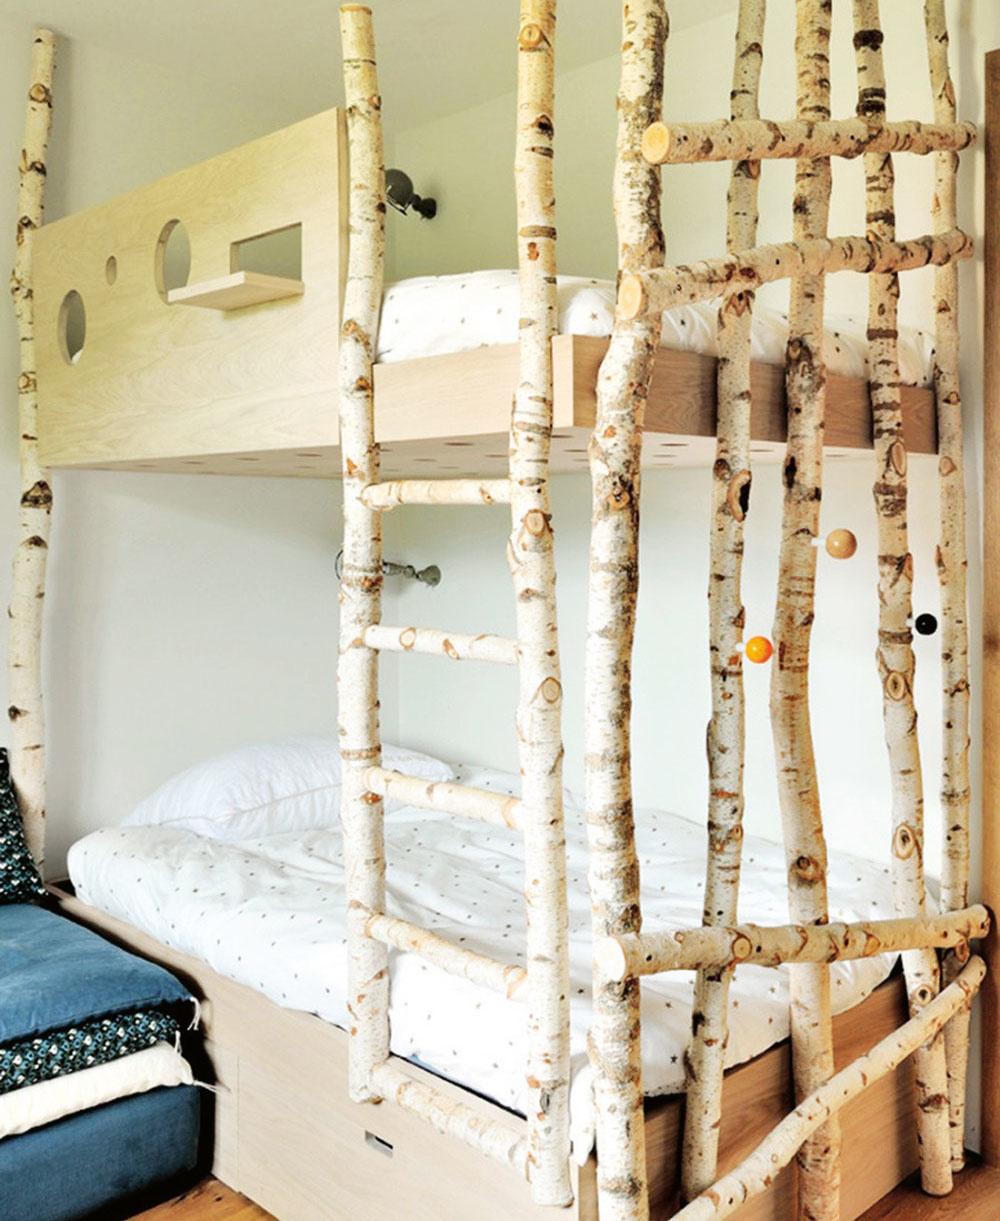 SÚRODENECKÉ DUO určite využije poschodovú posteľ. Najmä vmenšom byte vám ušetrí miesto. Každé zdetí navyše získa priestor, ktorý je aj vspoločnej izbe len jeho.